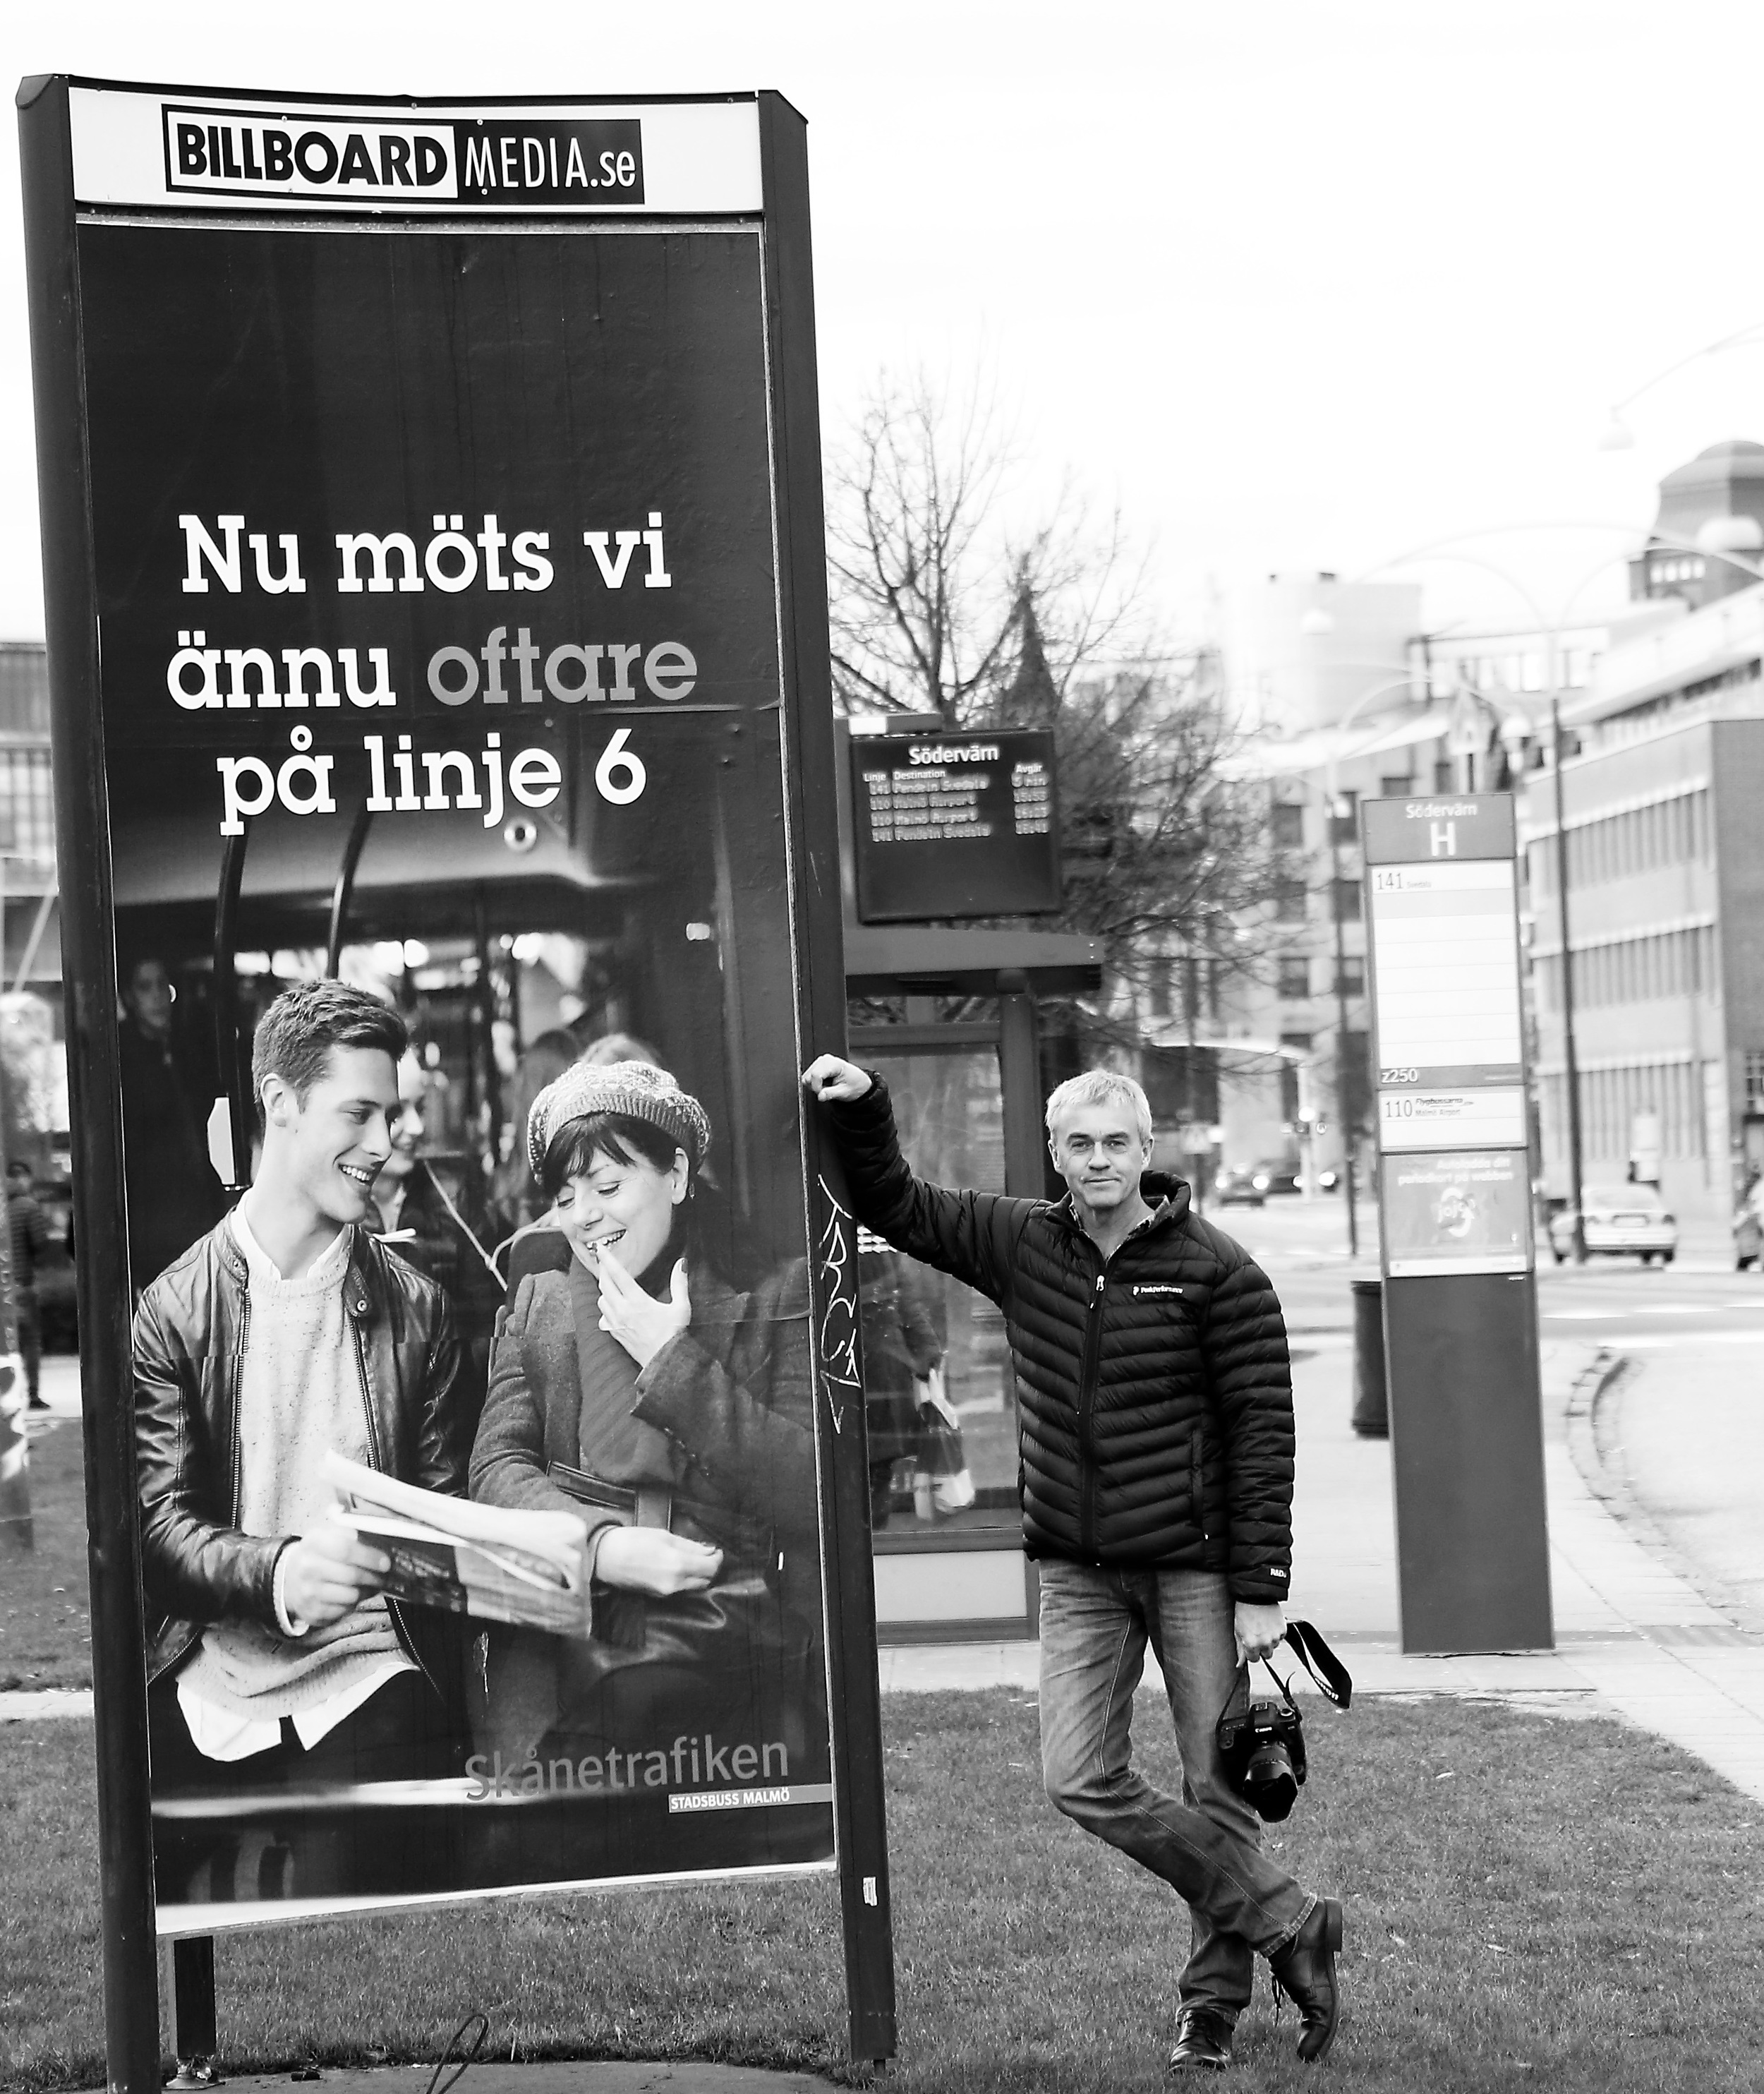 Ett oväntat möte på bussen - positivt och spännande. Passagerare som du och jag, en vanlig dag! Foto för NOBINA i Malmö